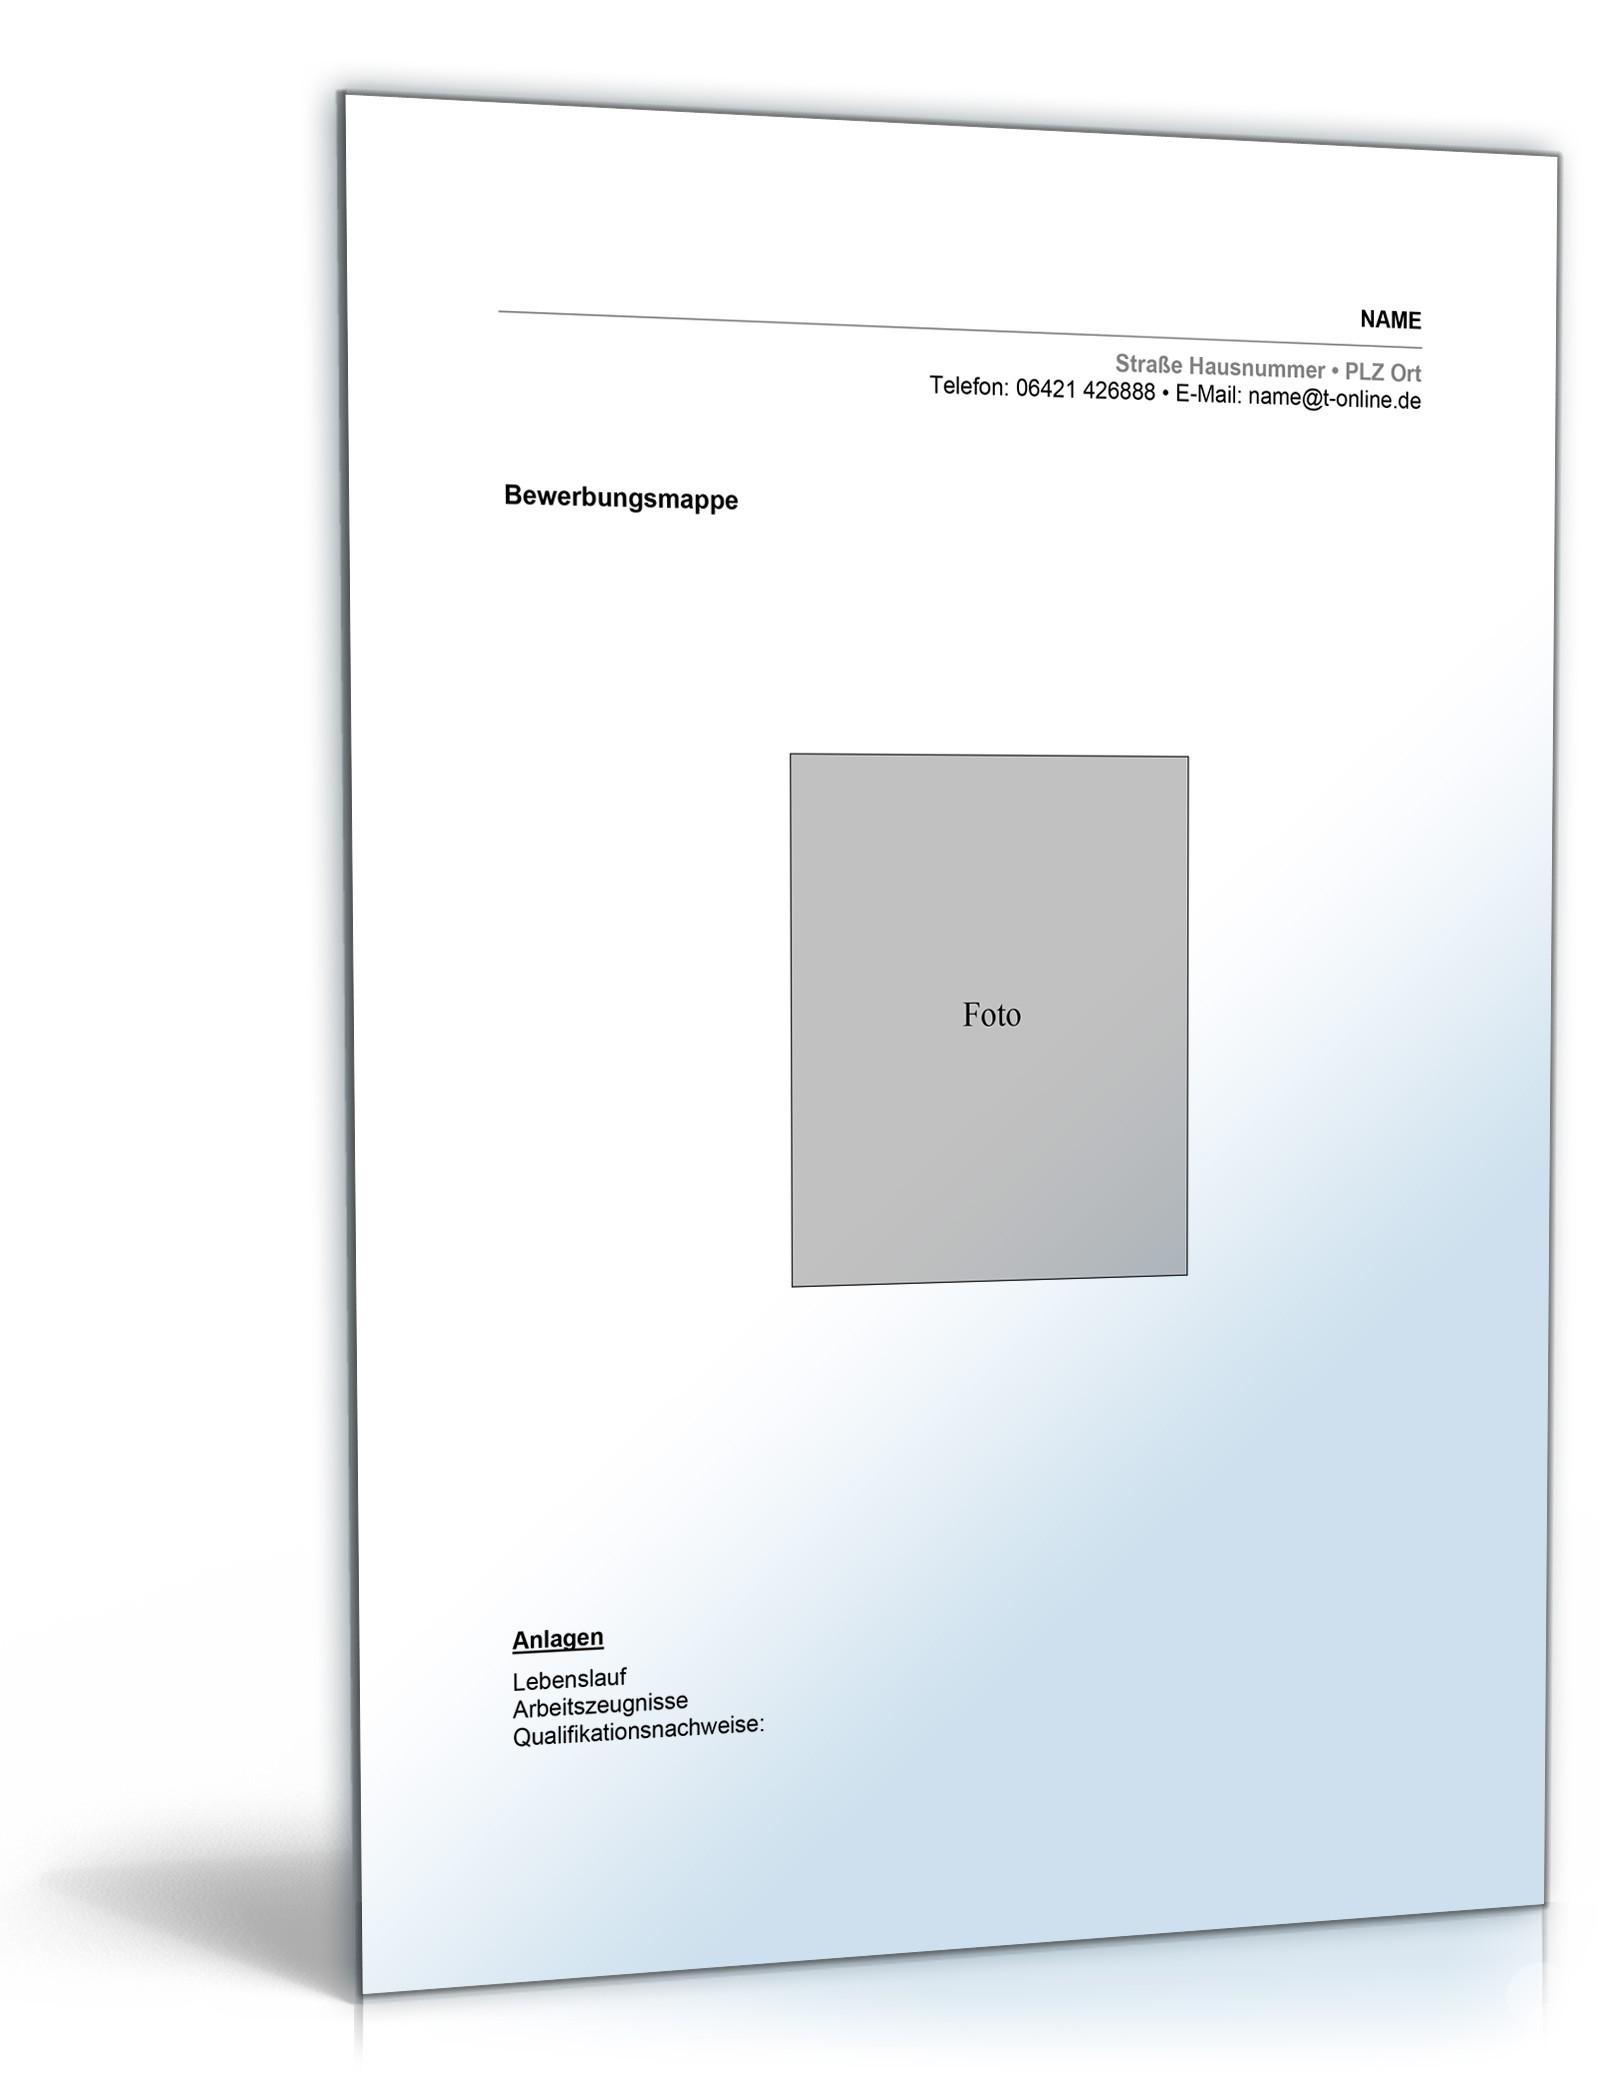 Lebenslauf Industriekauffrau Muster Zum Download